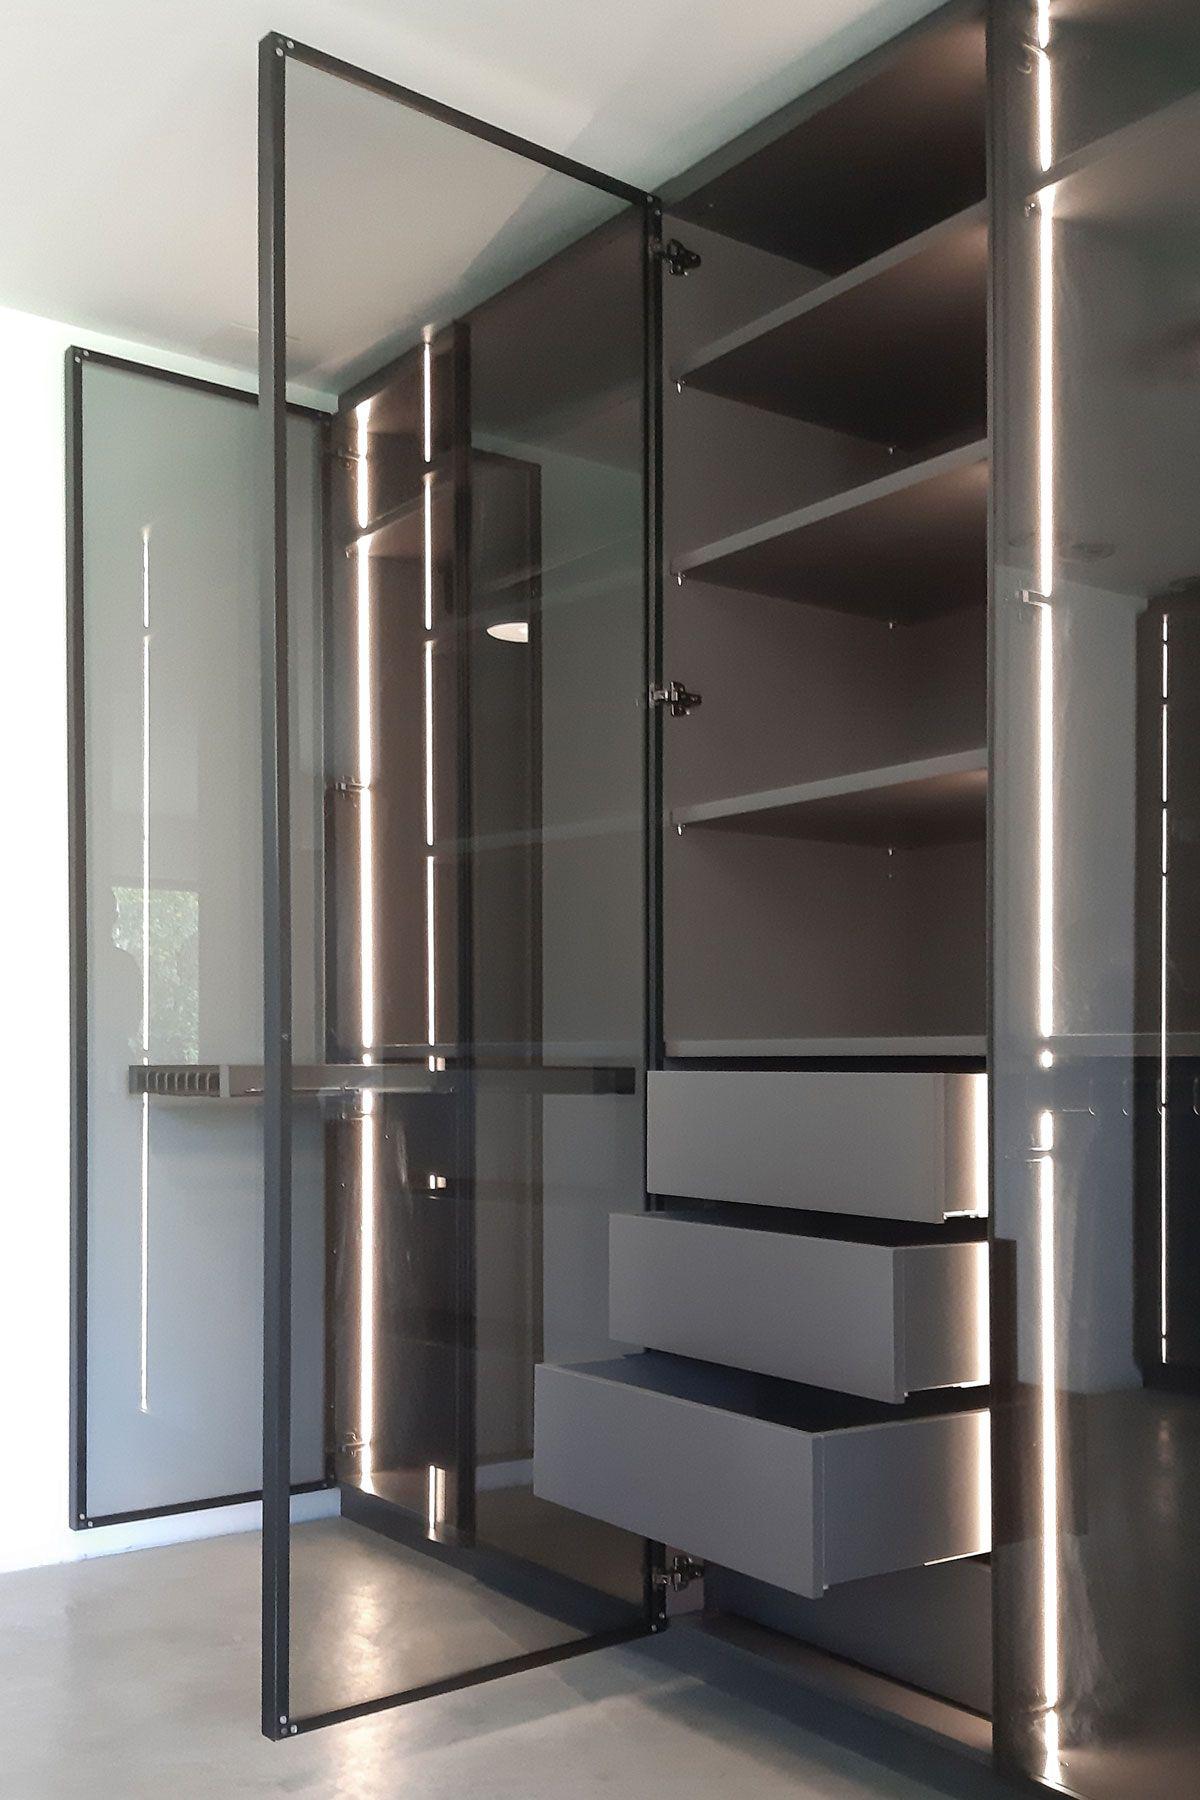 Zwillingseinbauschranke Mit Indirekter Beleuchtung In 2020 Einbauschrank Ankleide Ankleidezimmer